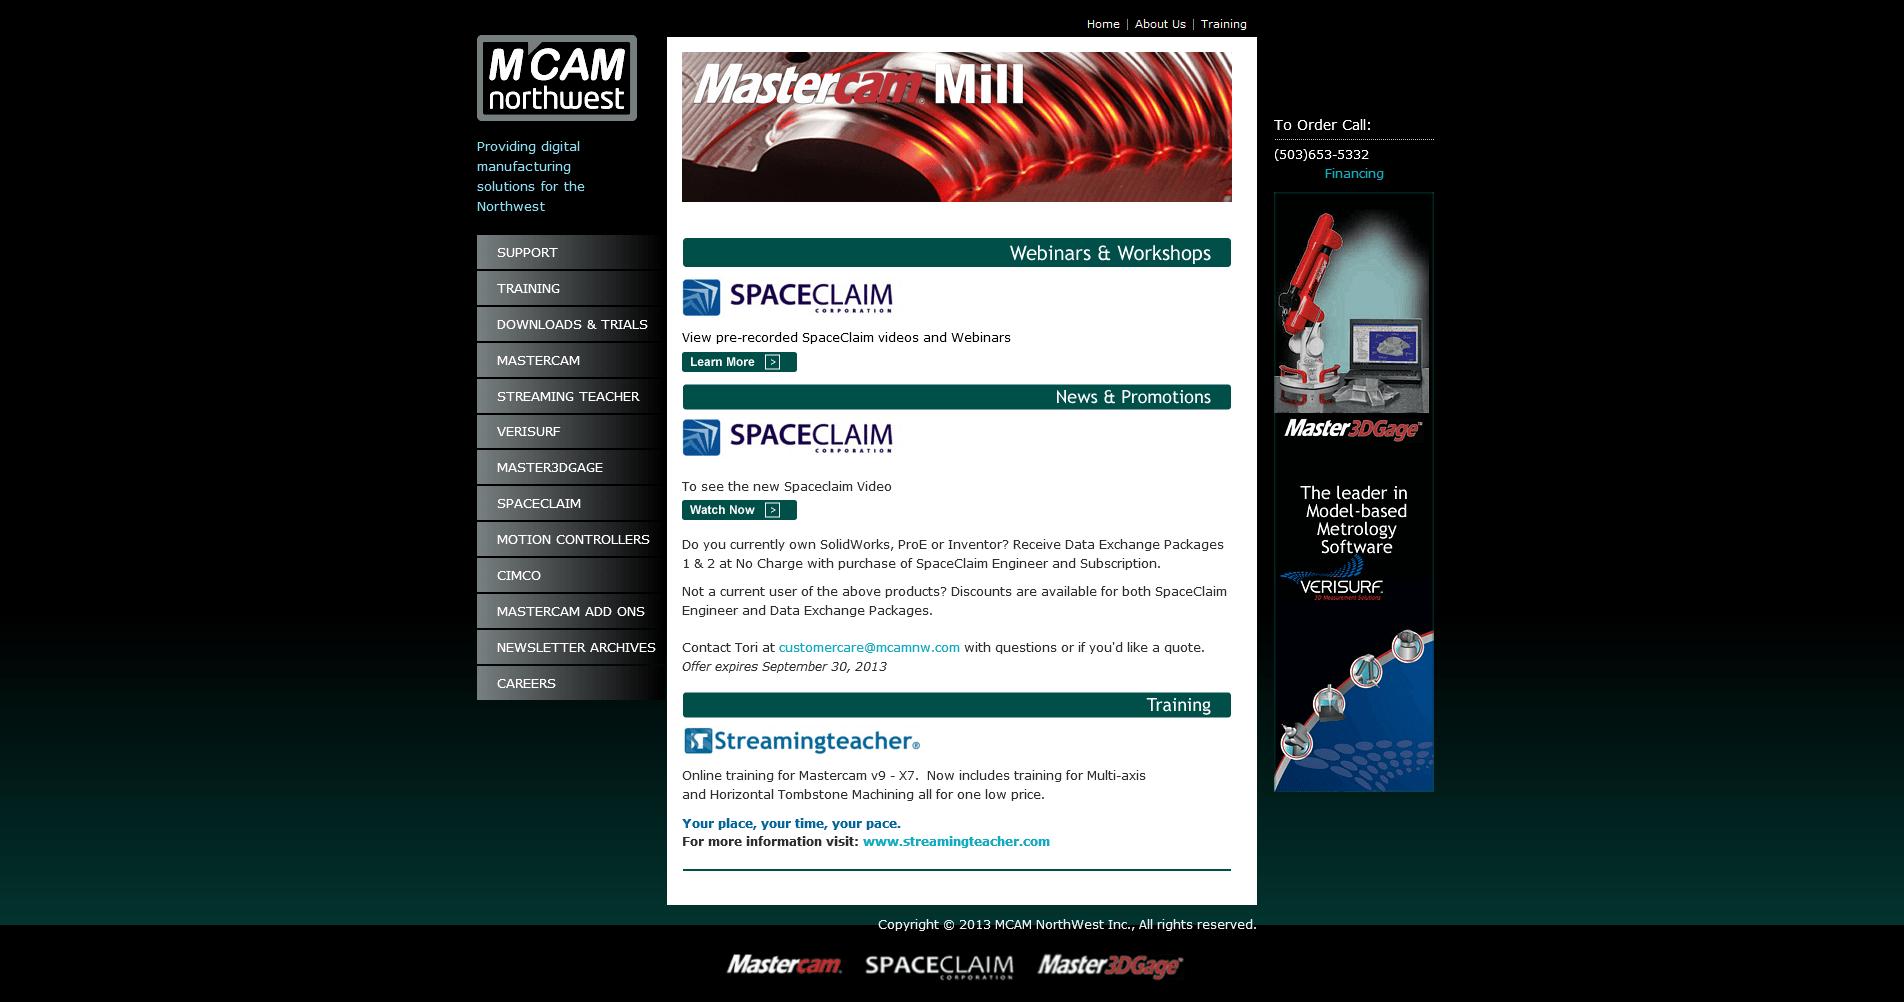 MCAM Northwest home page